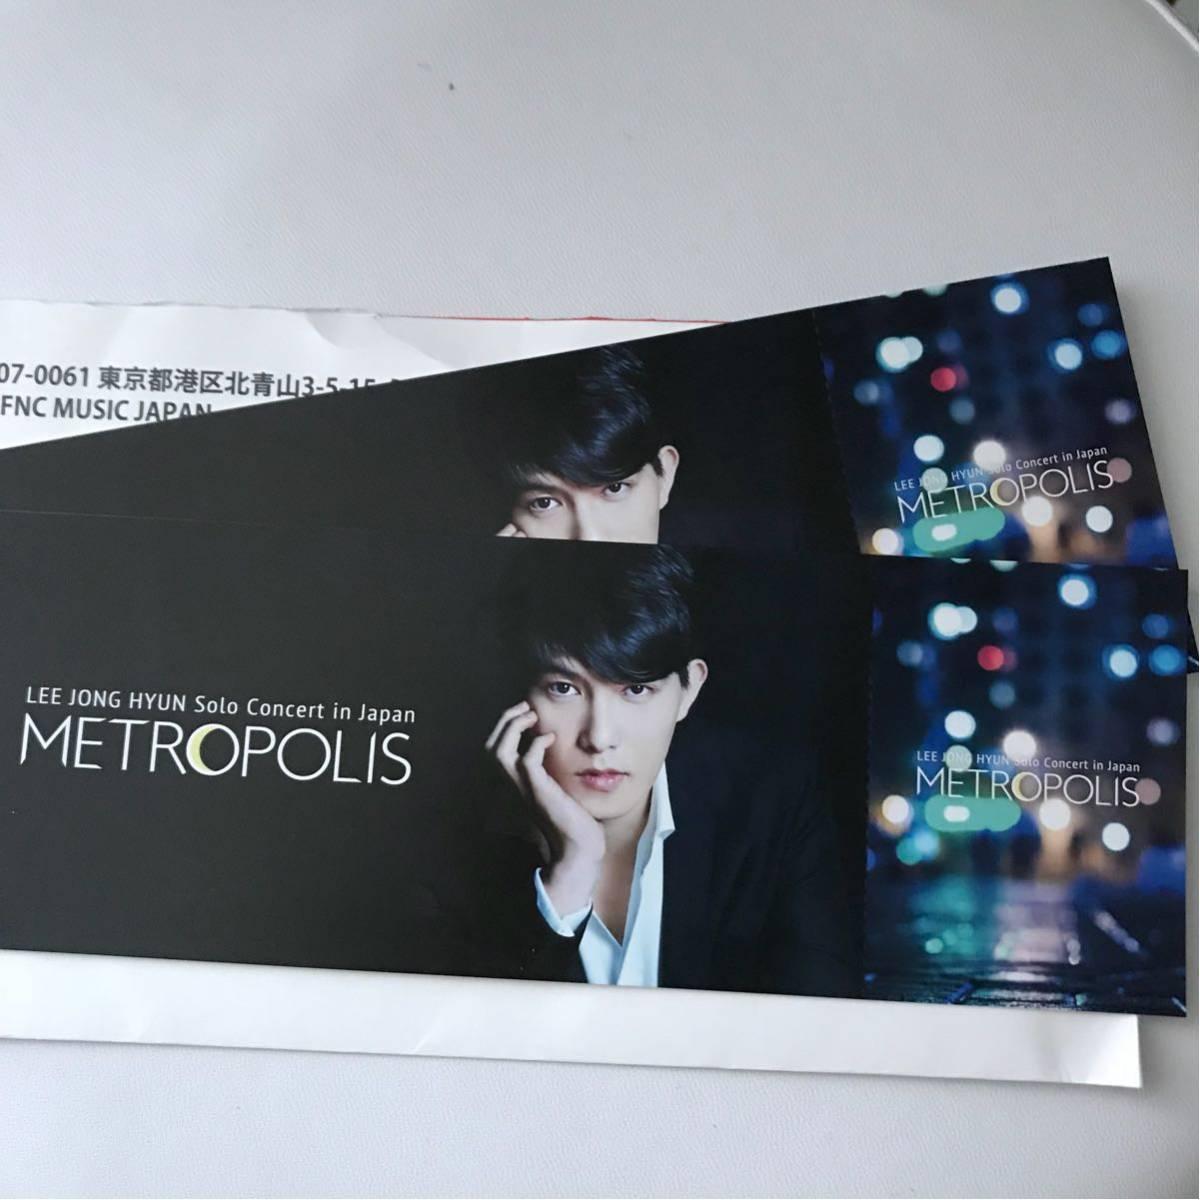 2月2日パシフィコ横浜 イジョンヒョン ソロコンサート 連番2枚